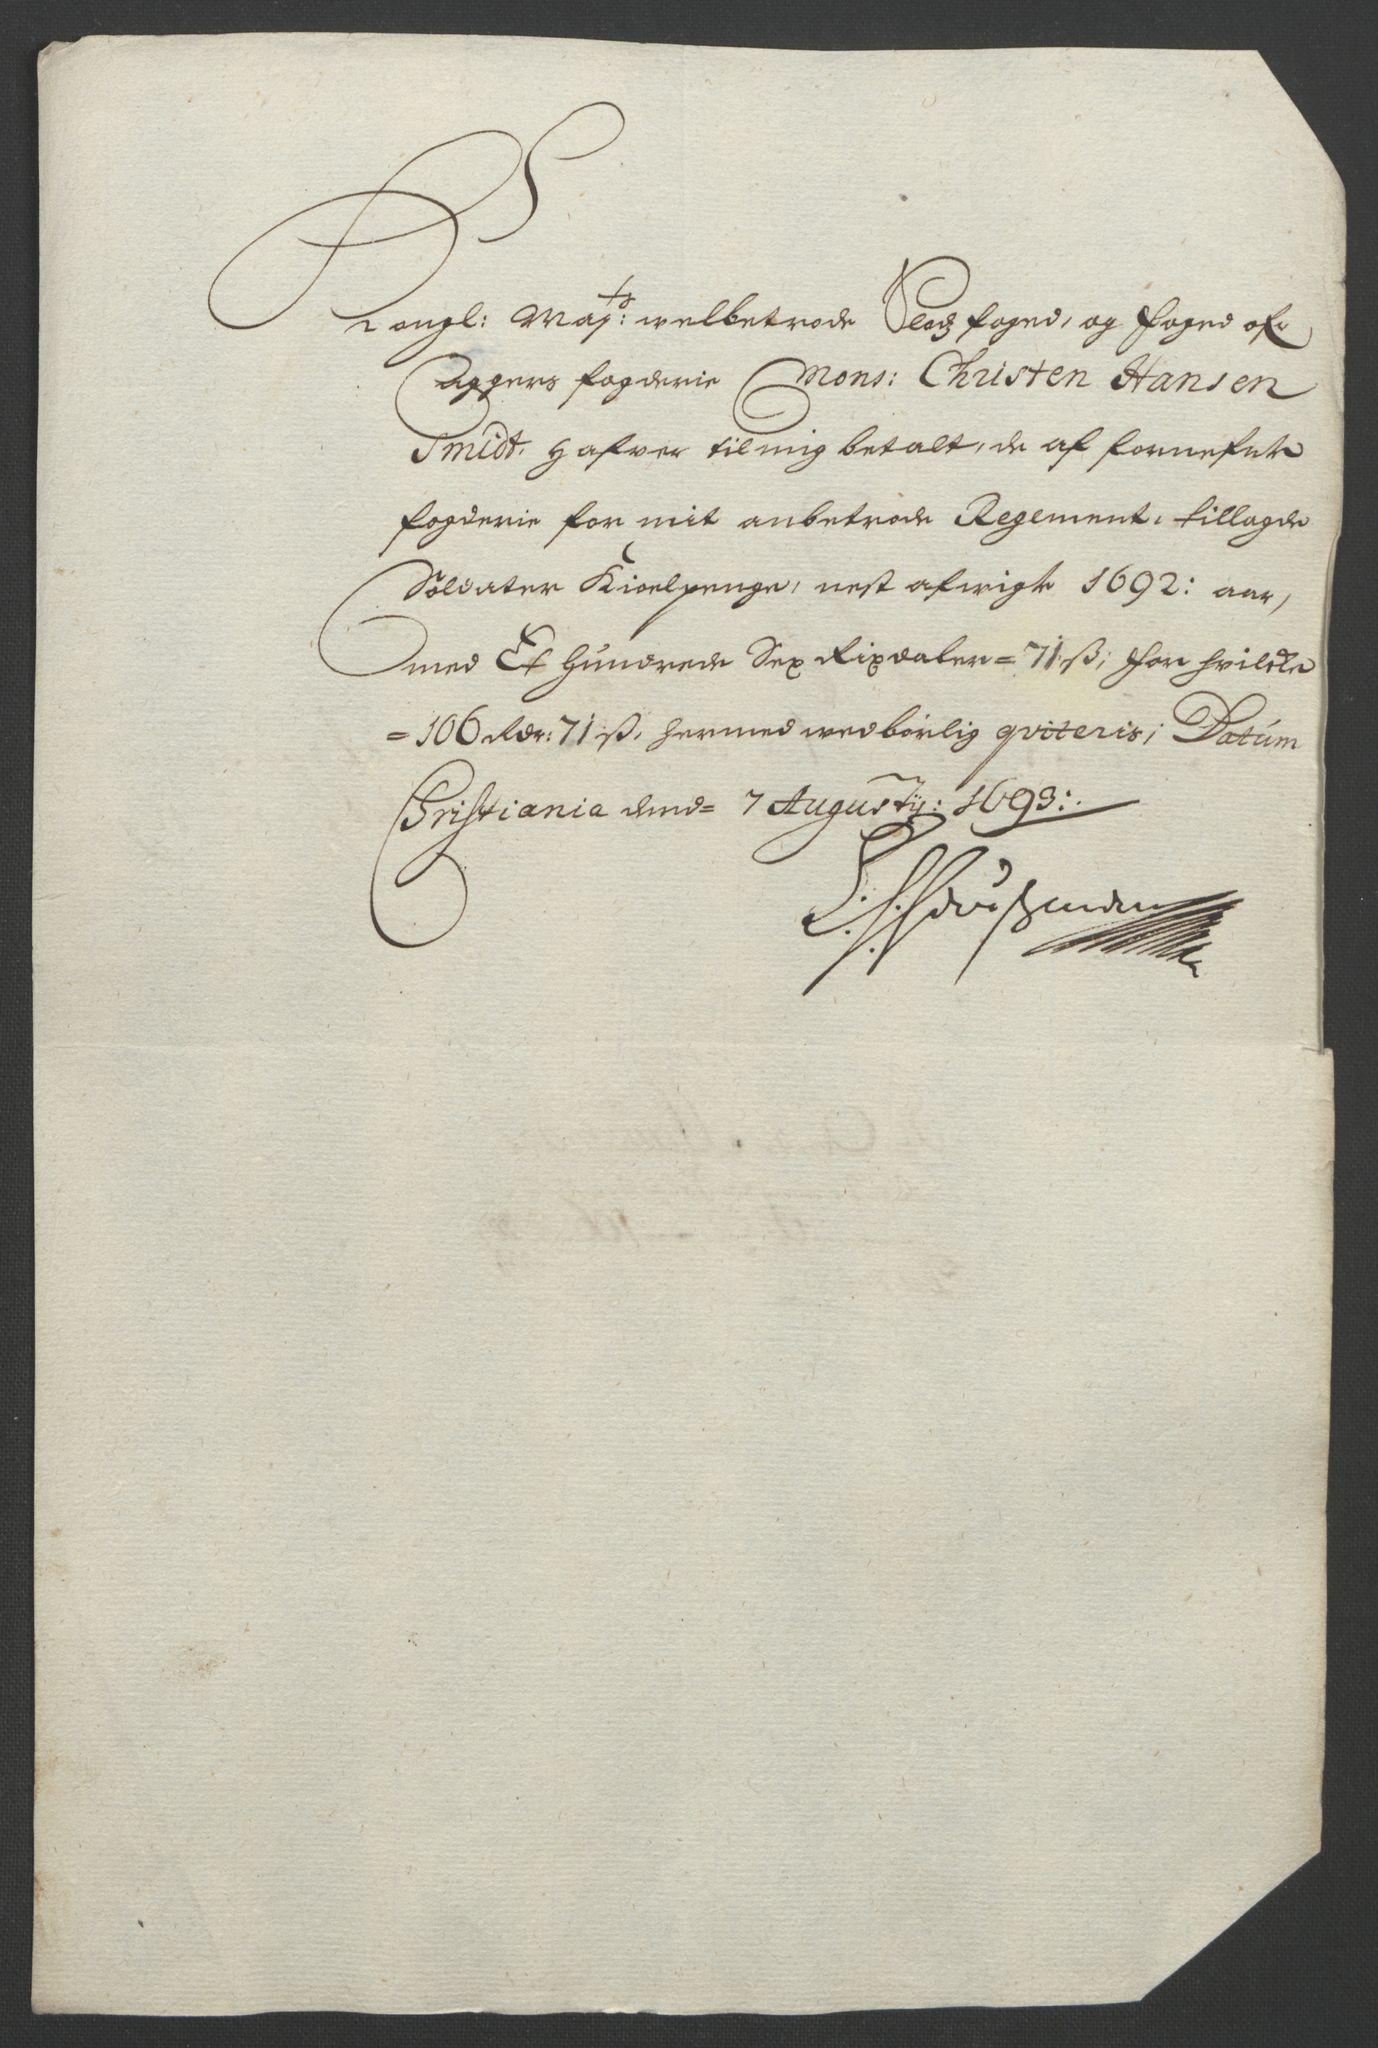 RA, Rentekammeret inntil 1814, Reviderte regnskaper, Fogderegnskap, R08/L0426: Fogderegnskap Aker, 1692-1693, s. 148